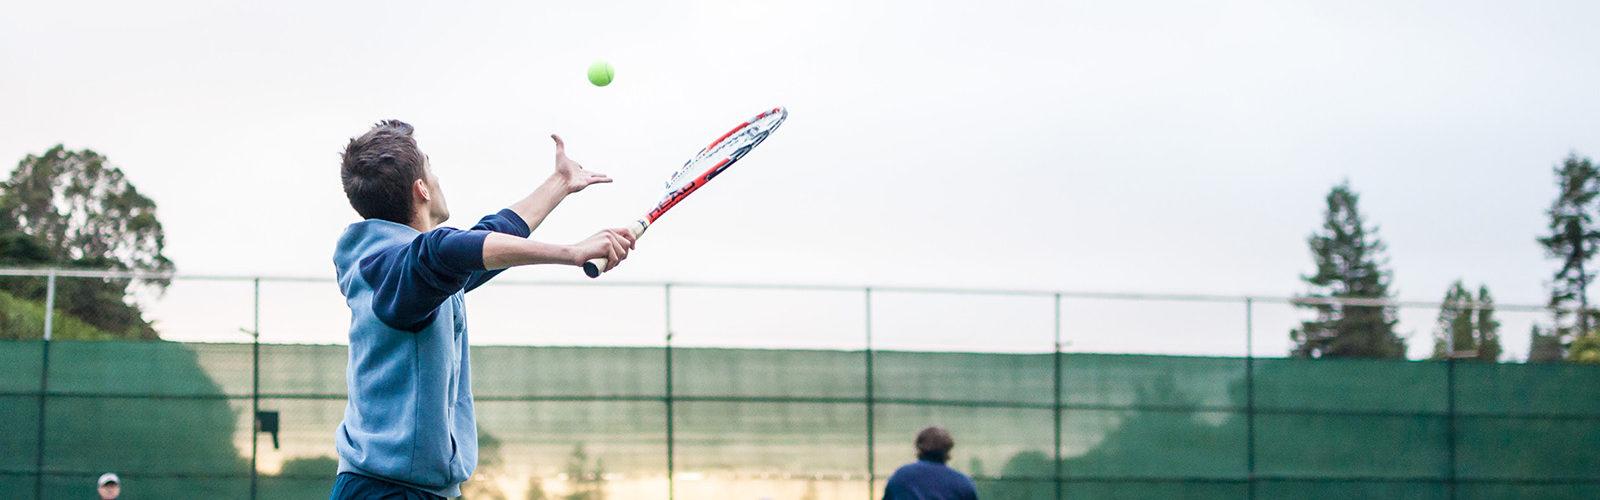 jouer-tennis-miami